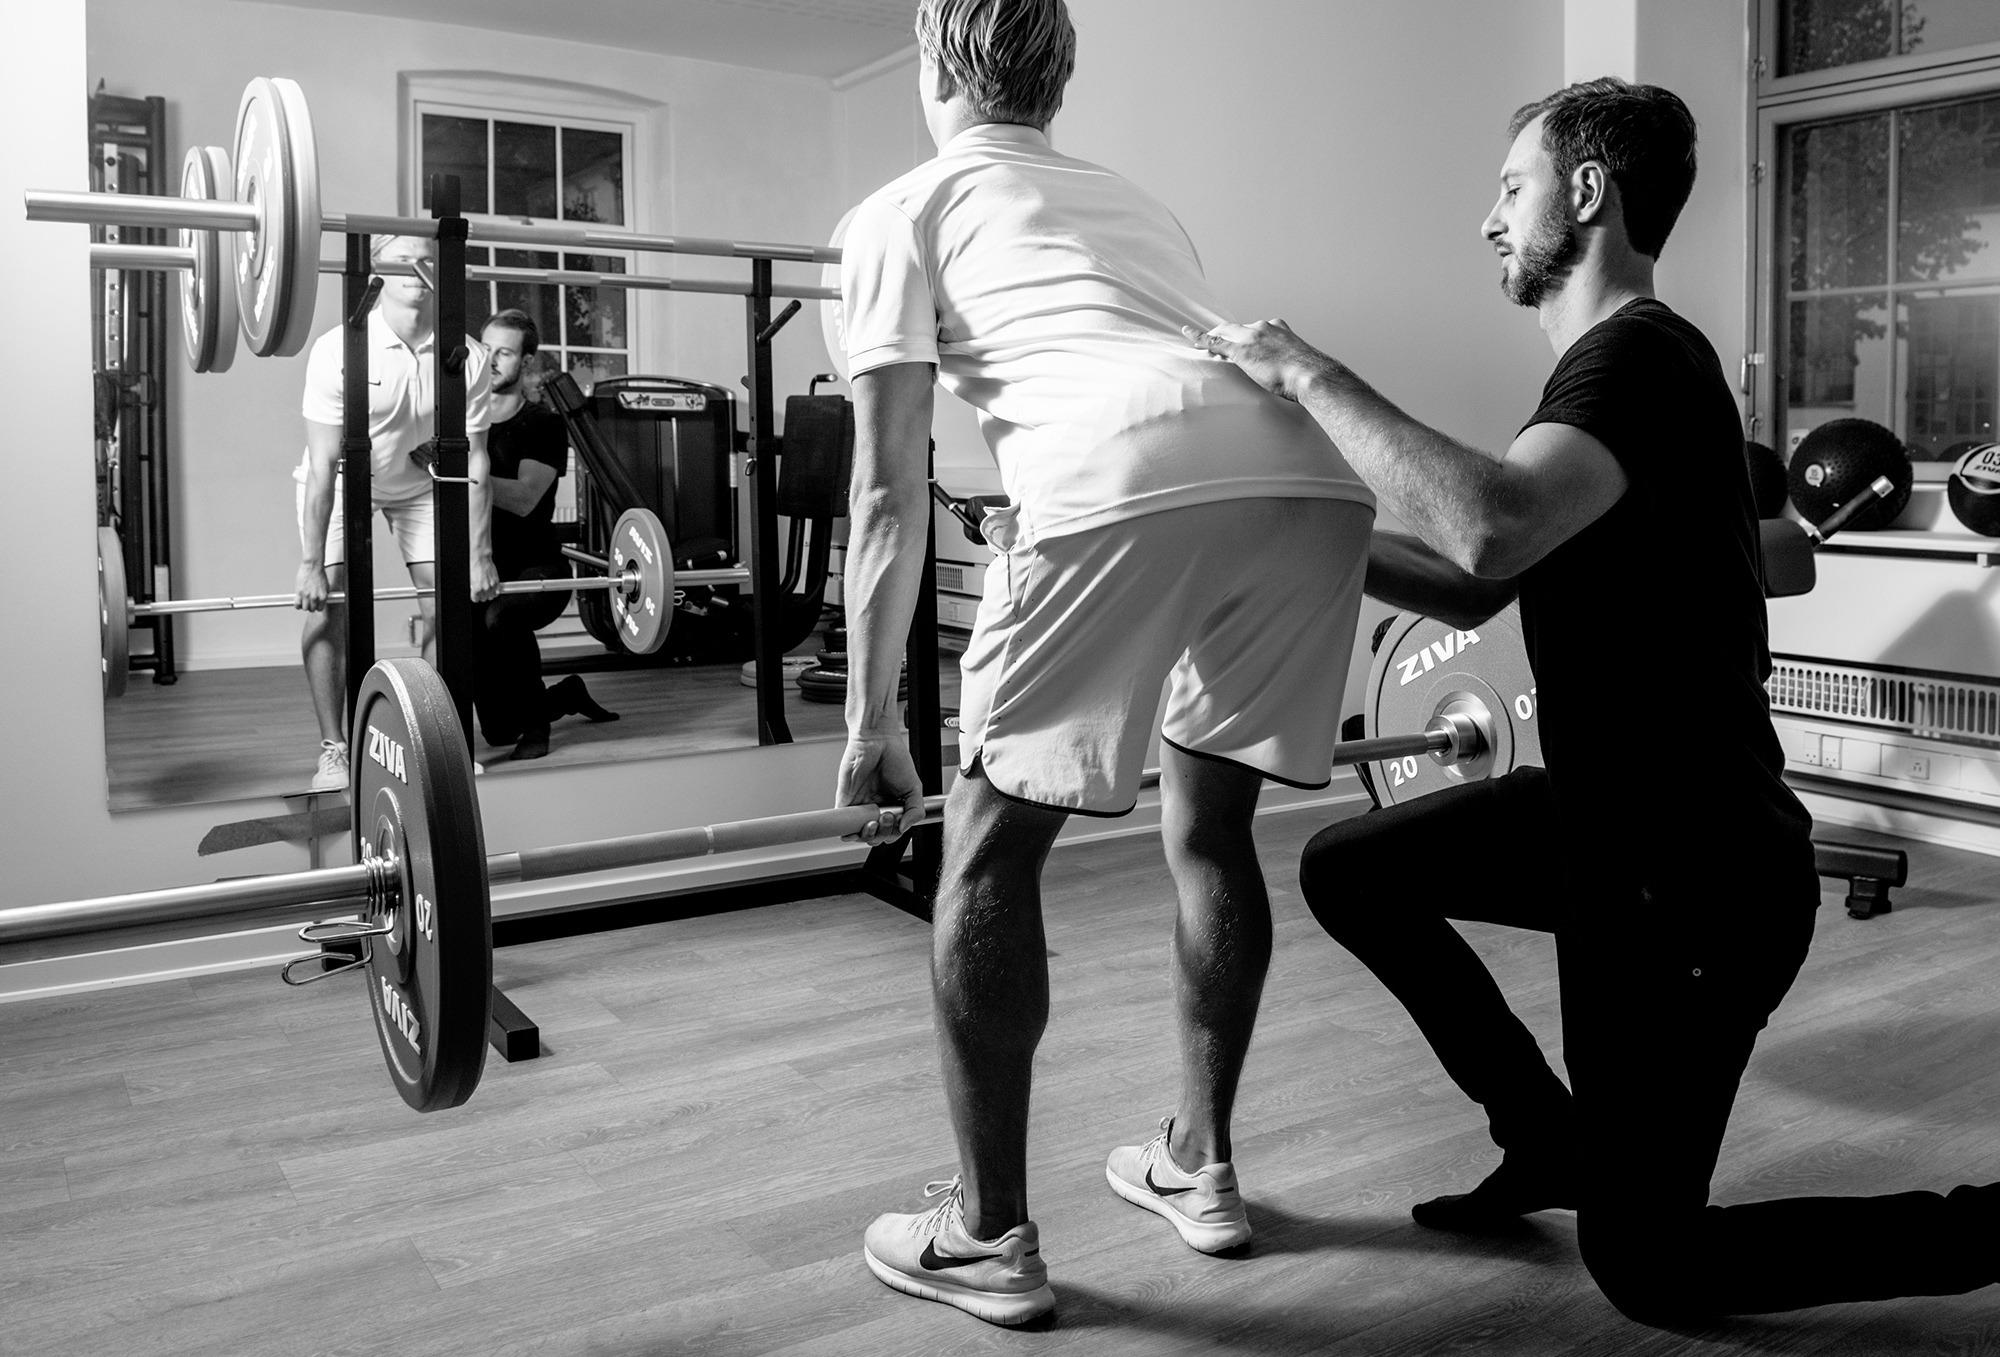 Performanceoptimering-personlig træning-styrketræning